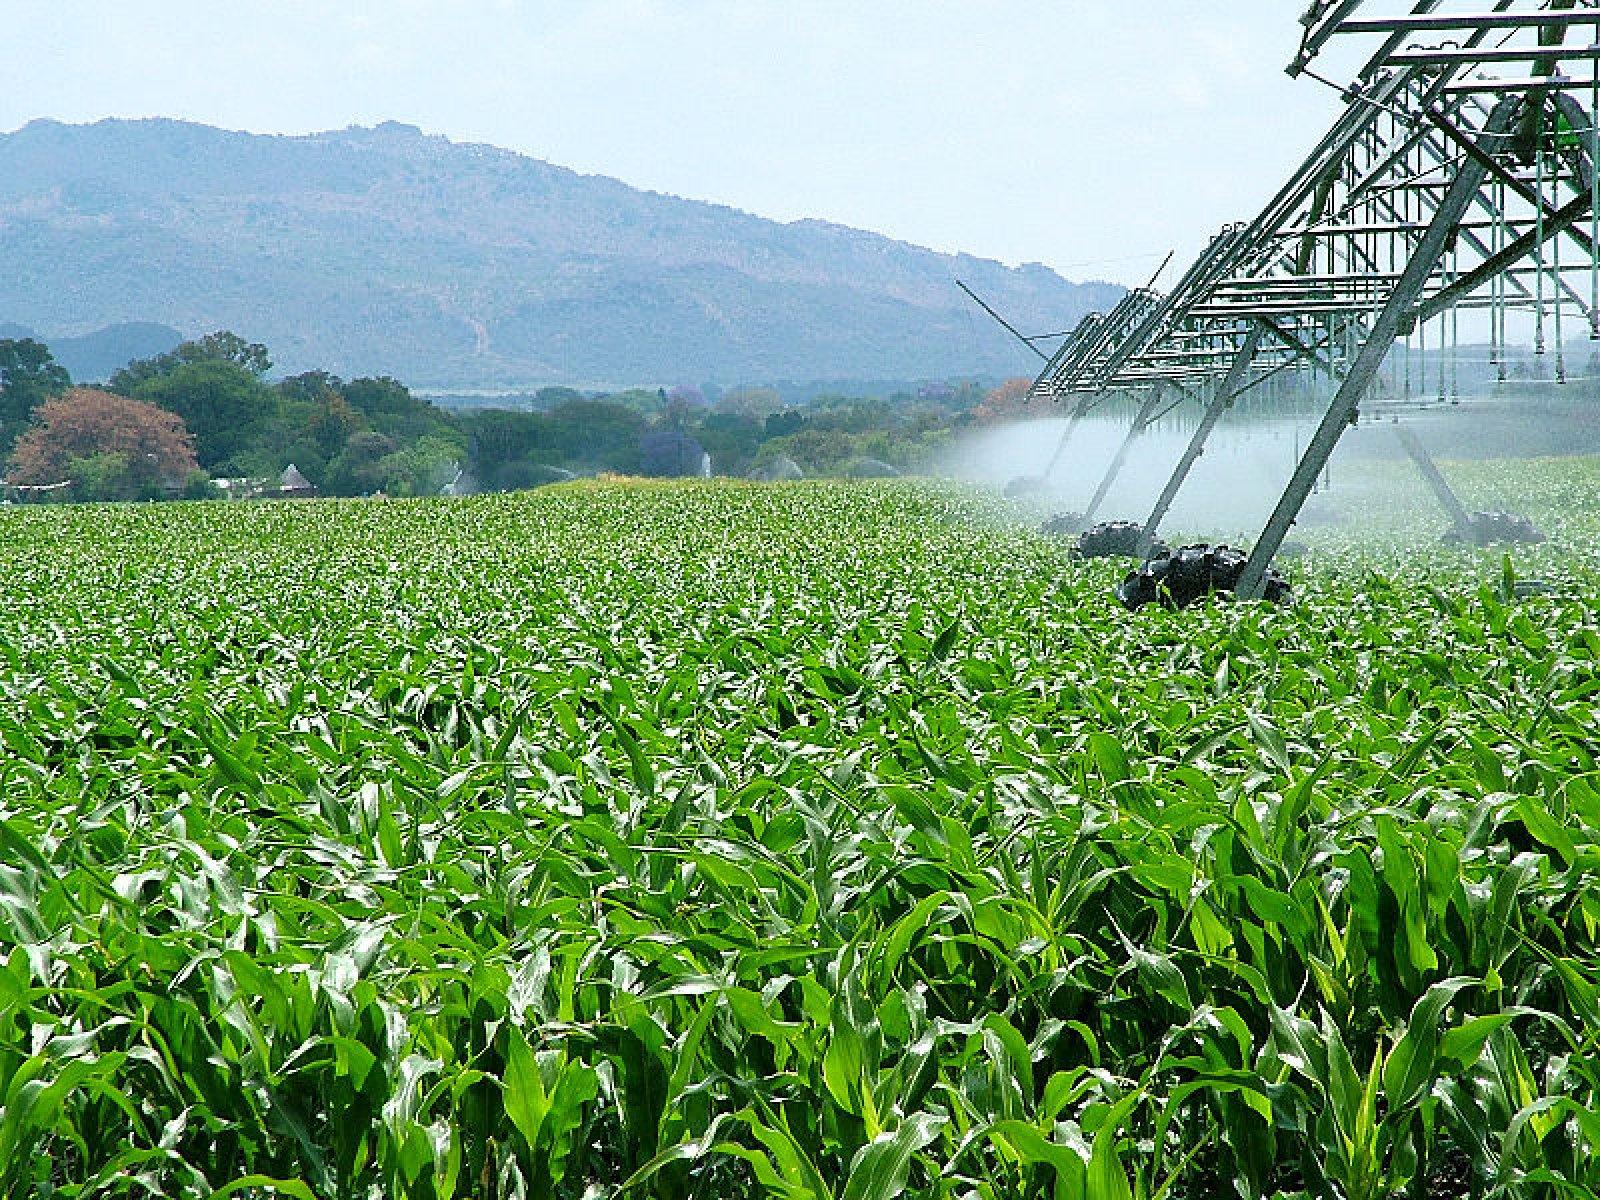 Camps de blat de moro per a l'elaboració de bioetanol a Sud-àfrica